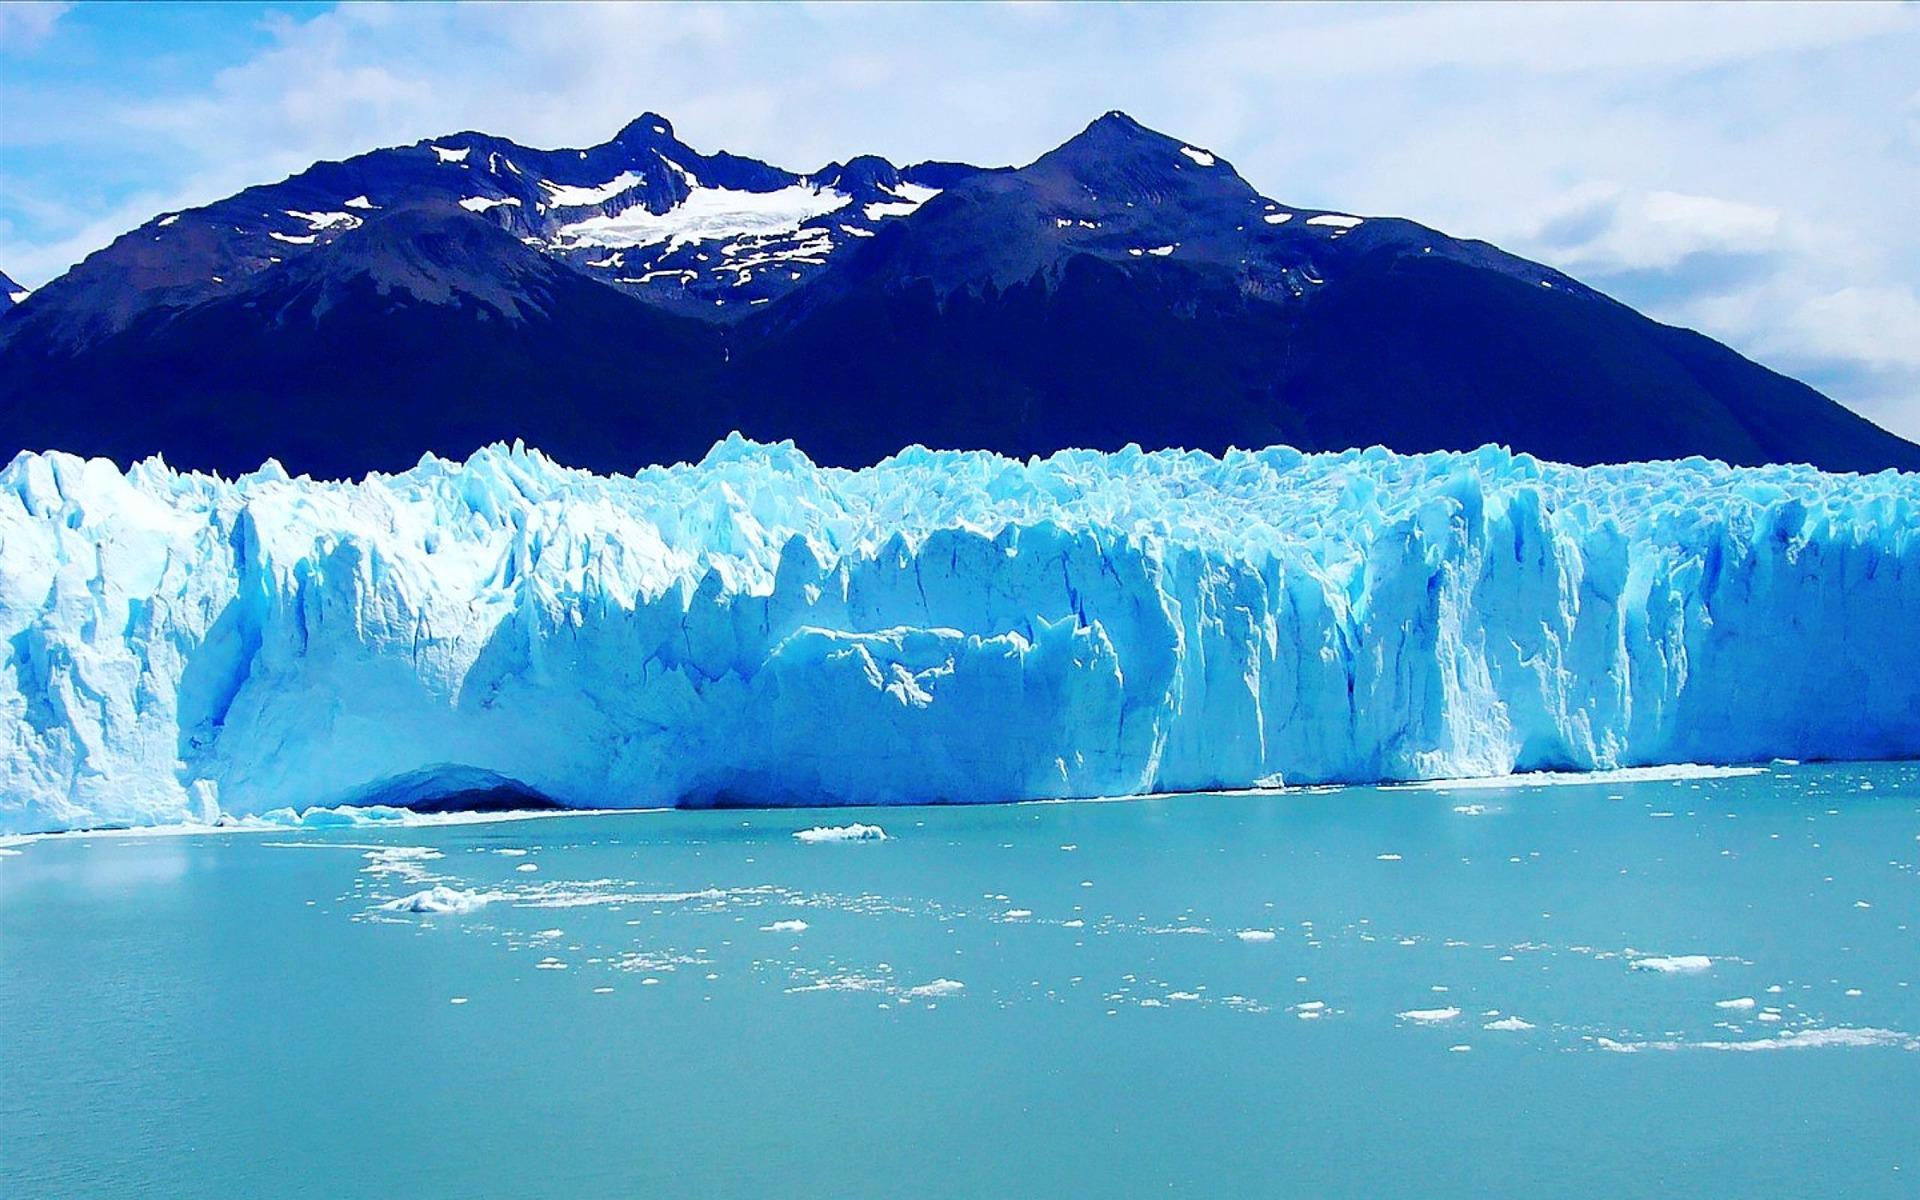 Wallpaper Cars Glacier Wallpaper Arctic Hd Desktop Wallpapers 4k Hd